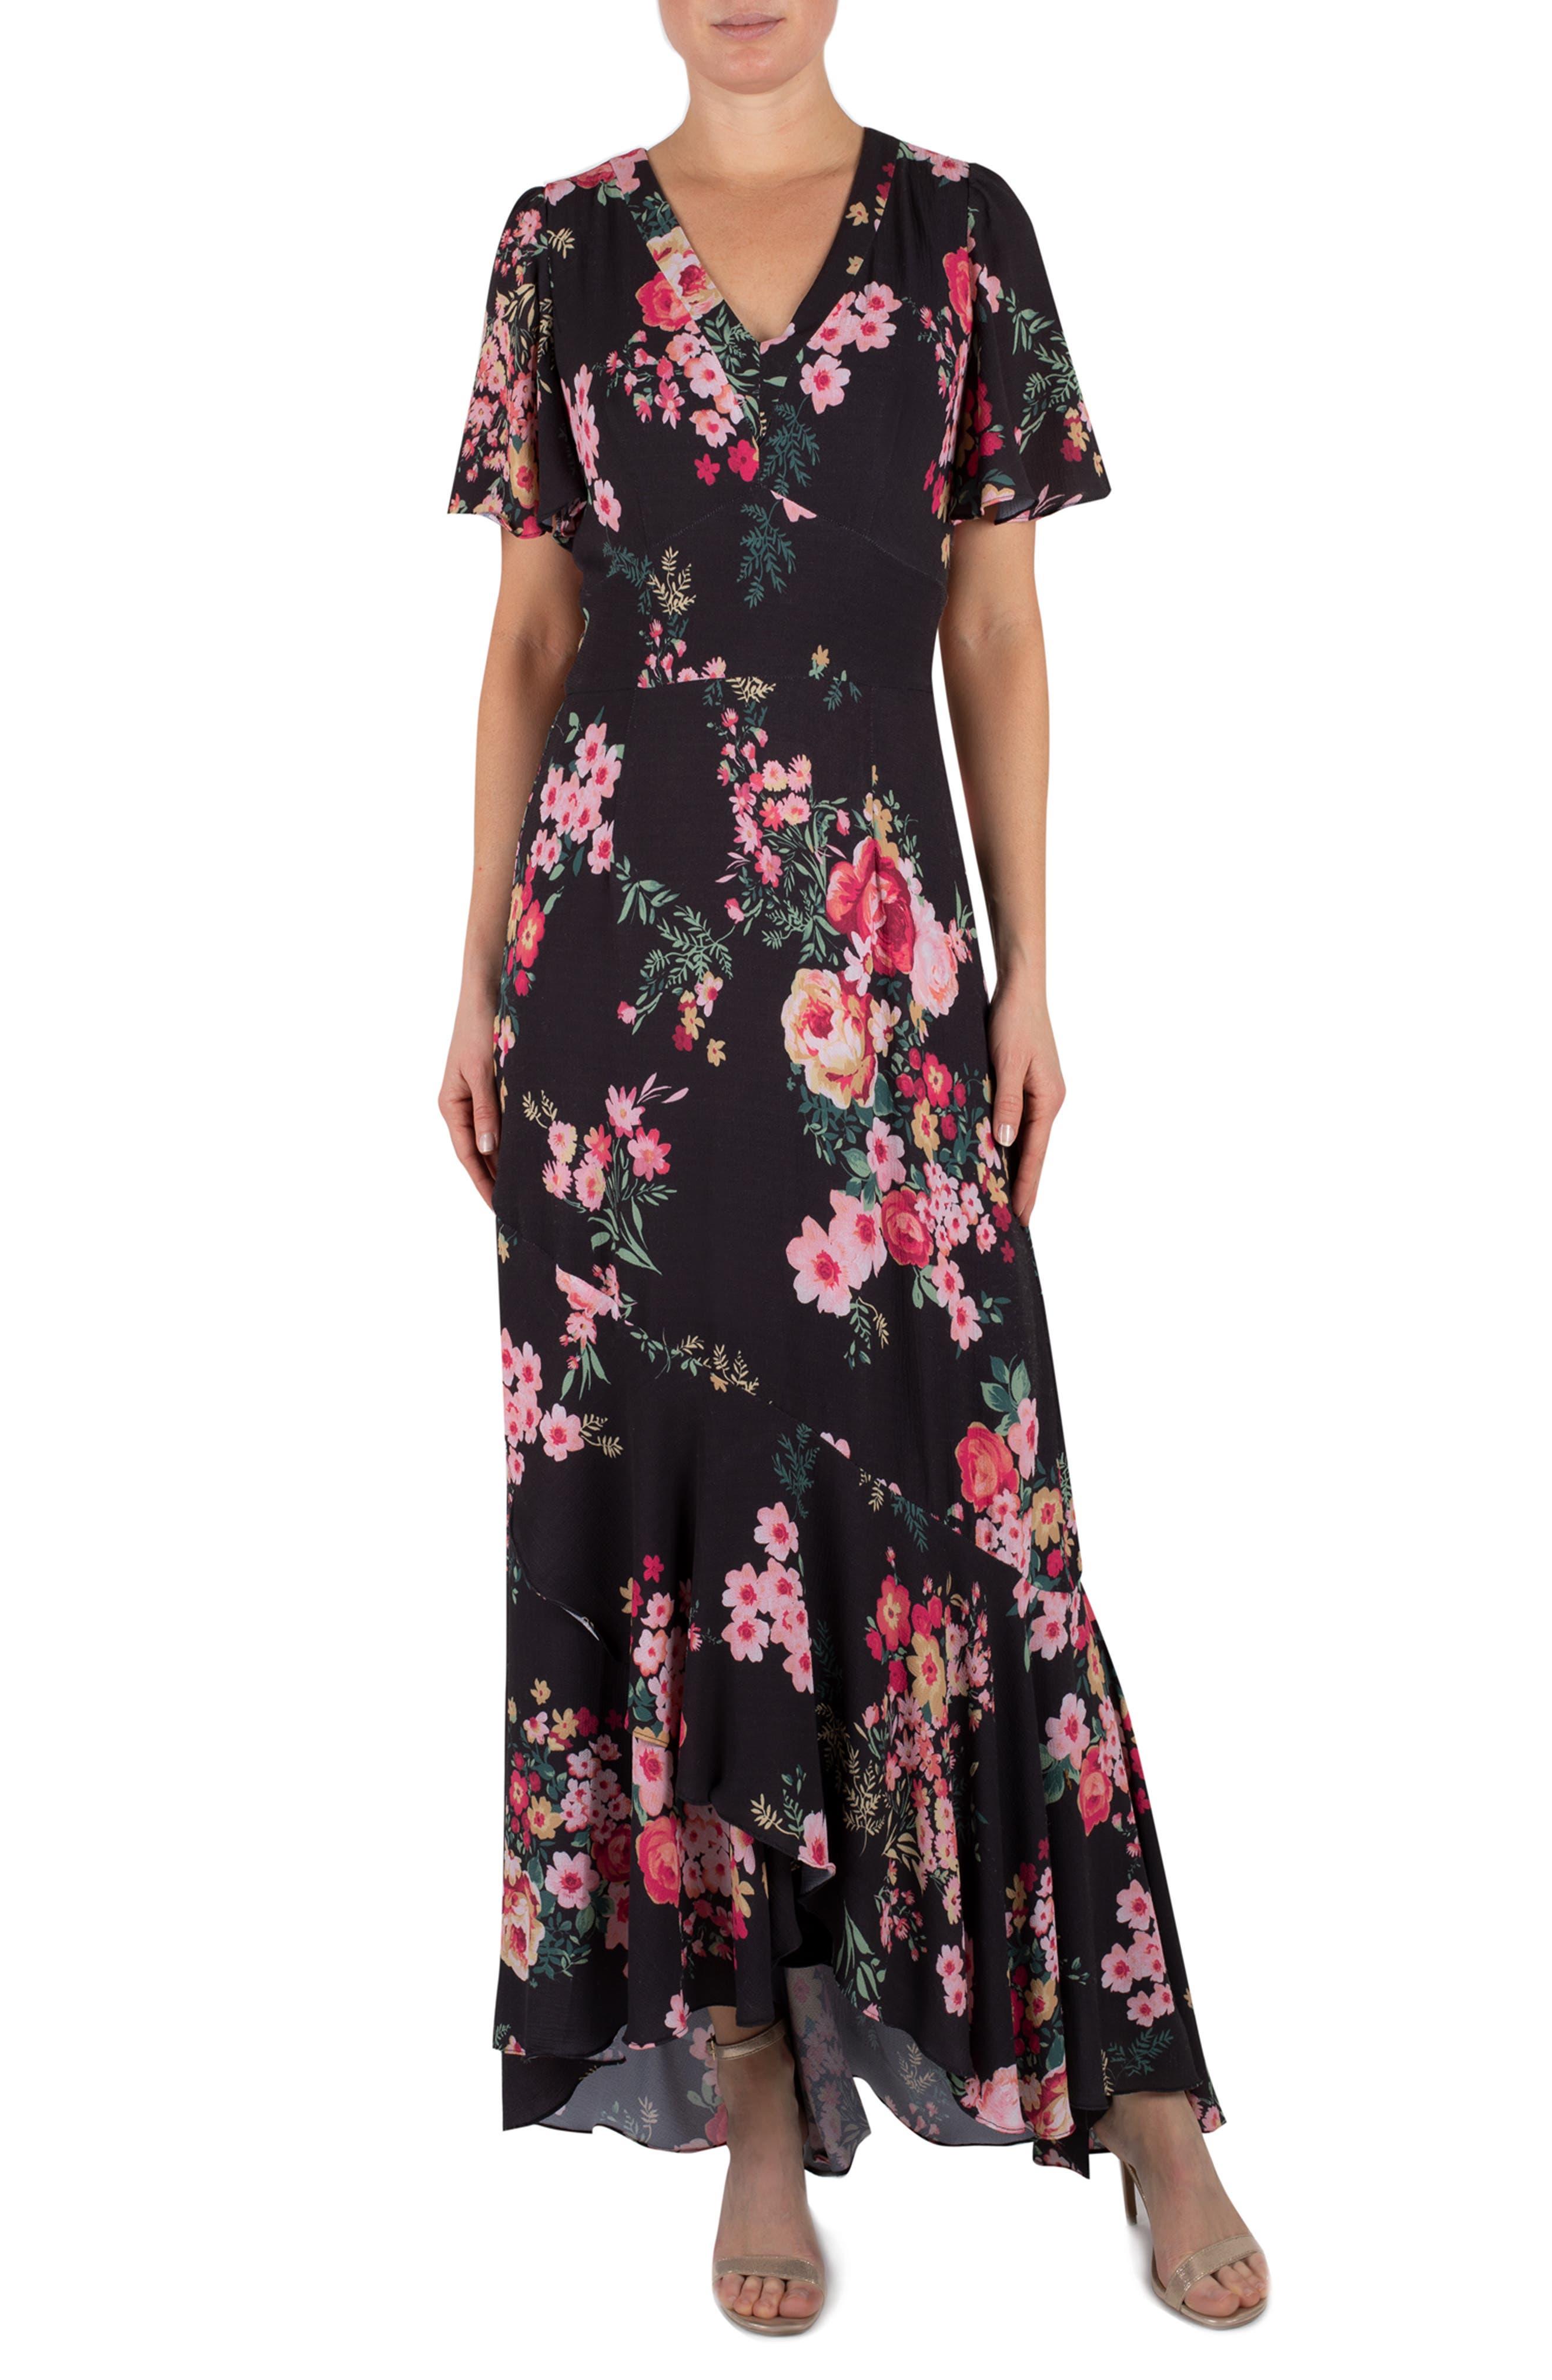 Image of Julia Jordan V-Neck Short Sleeve Floral Dress